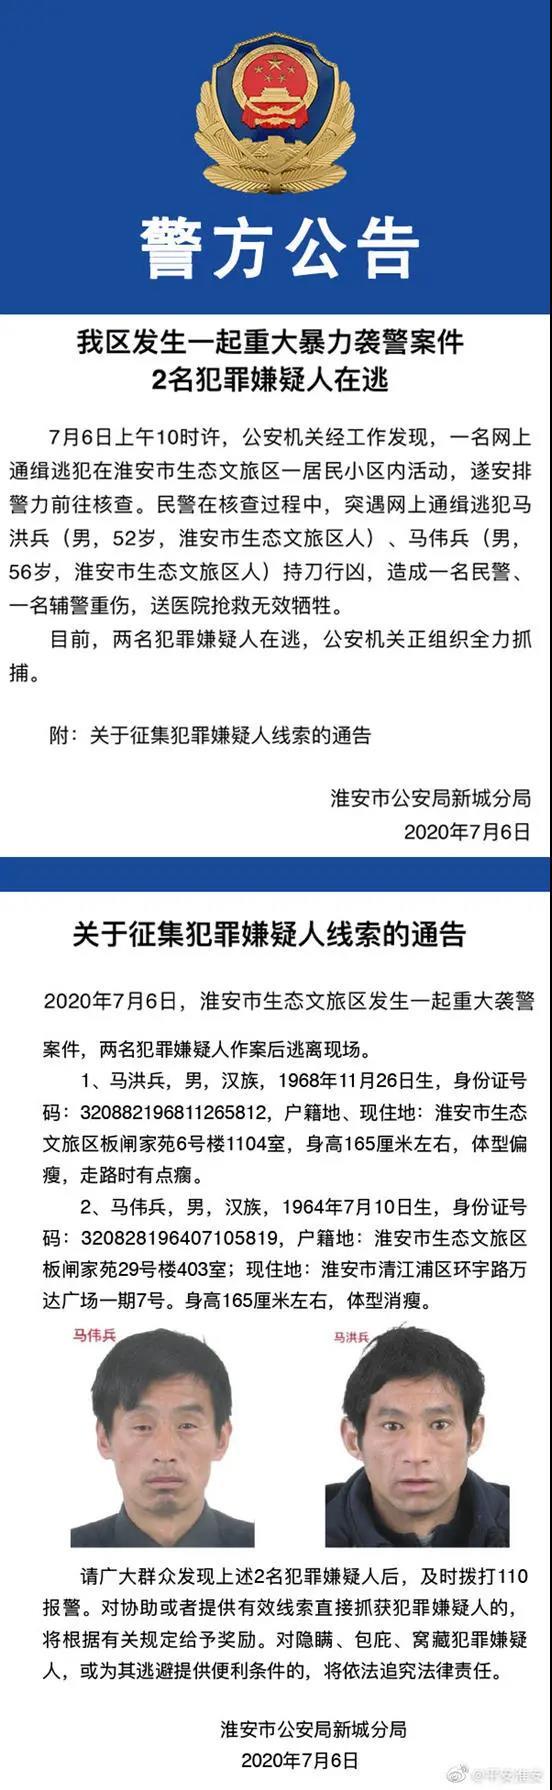 江苏淮安暴力袭警致两人牺牲,嫌疑人抓到了!